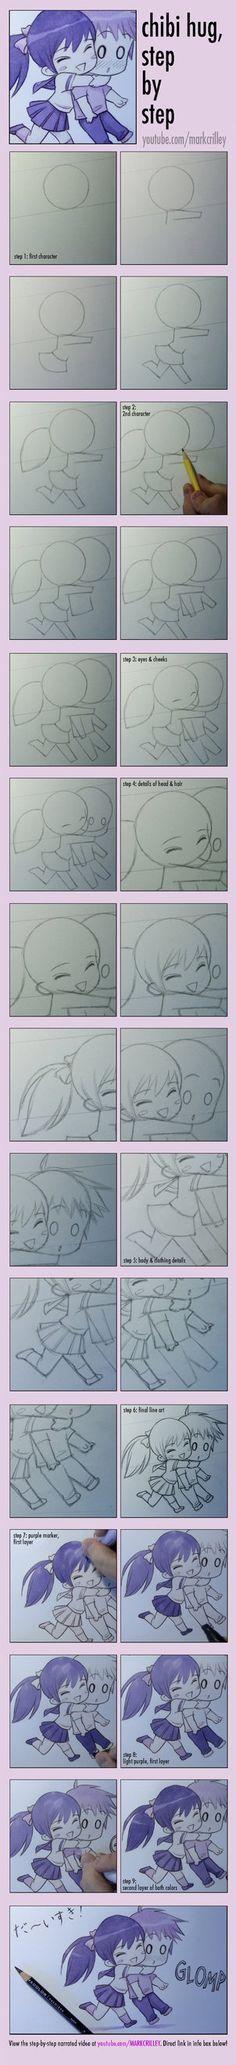 Cómo dibujar Chibis abrazándose, paso a paso